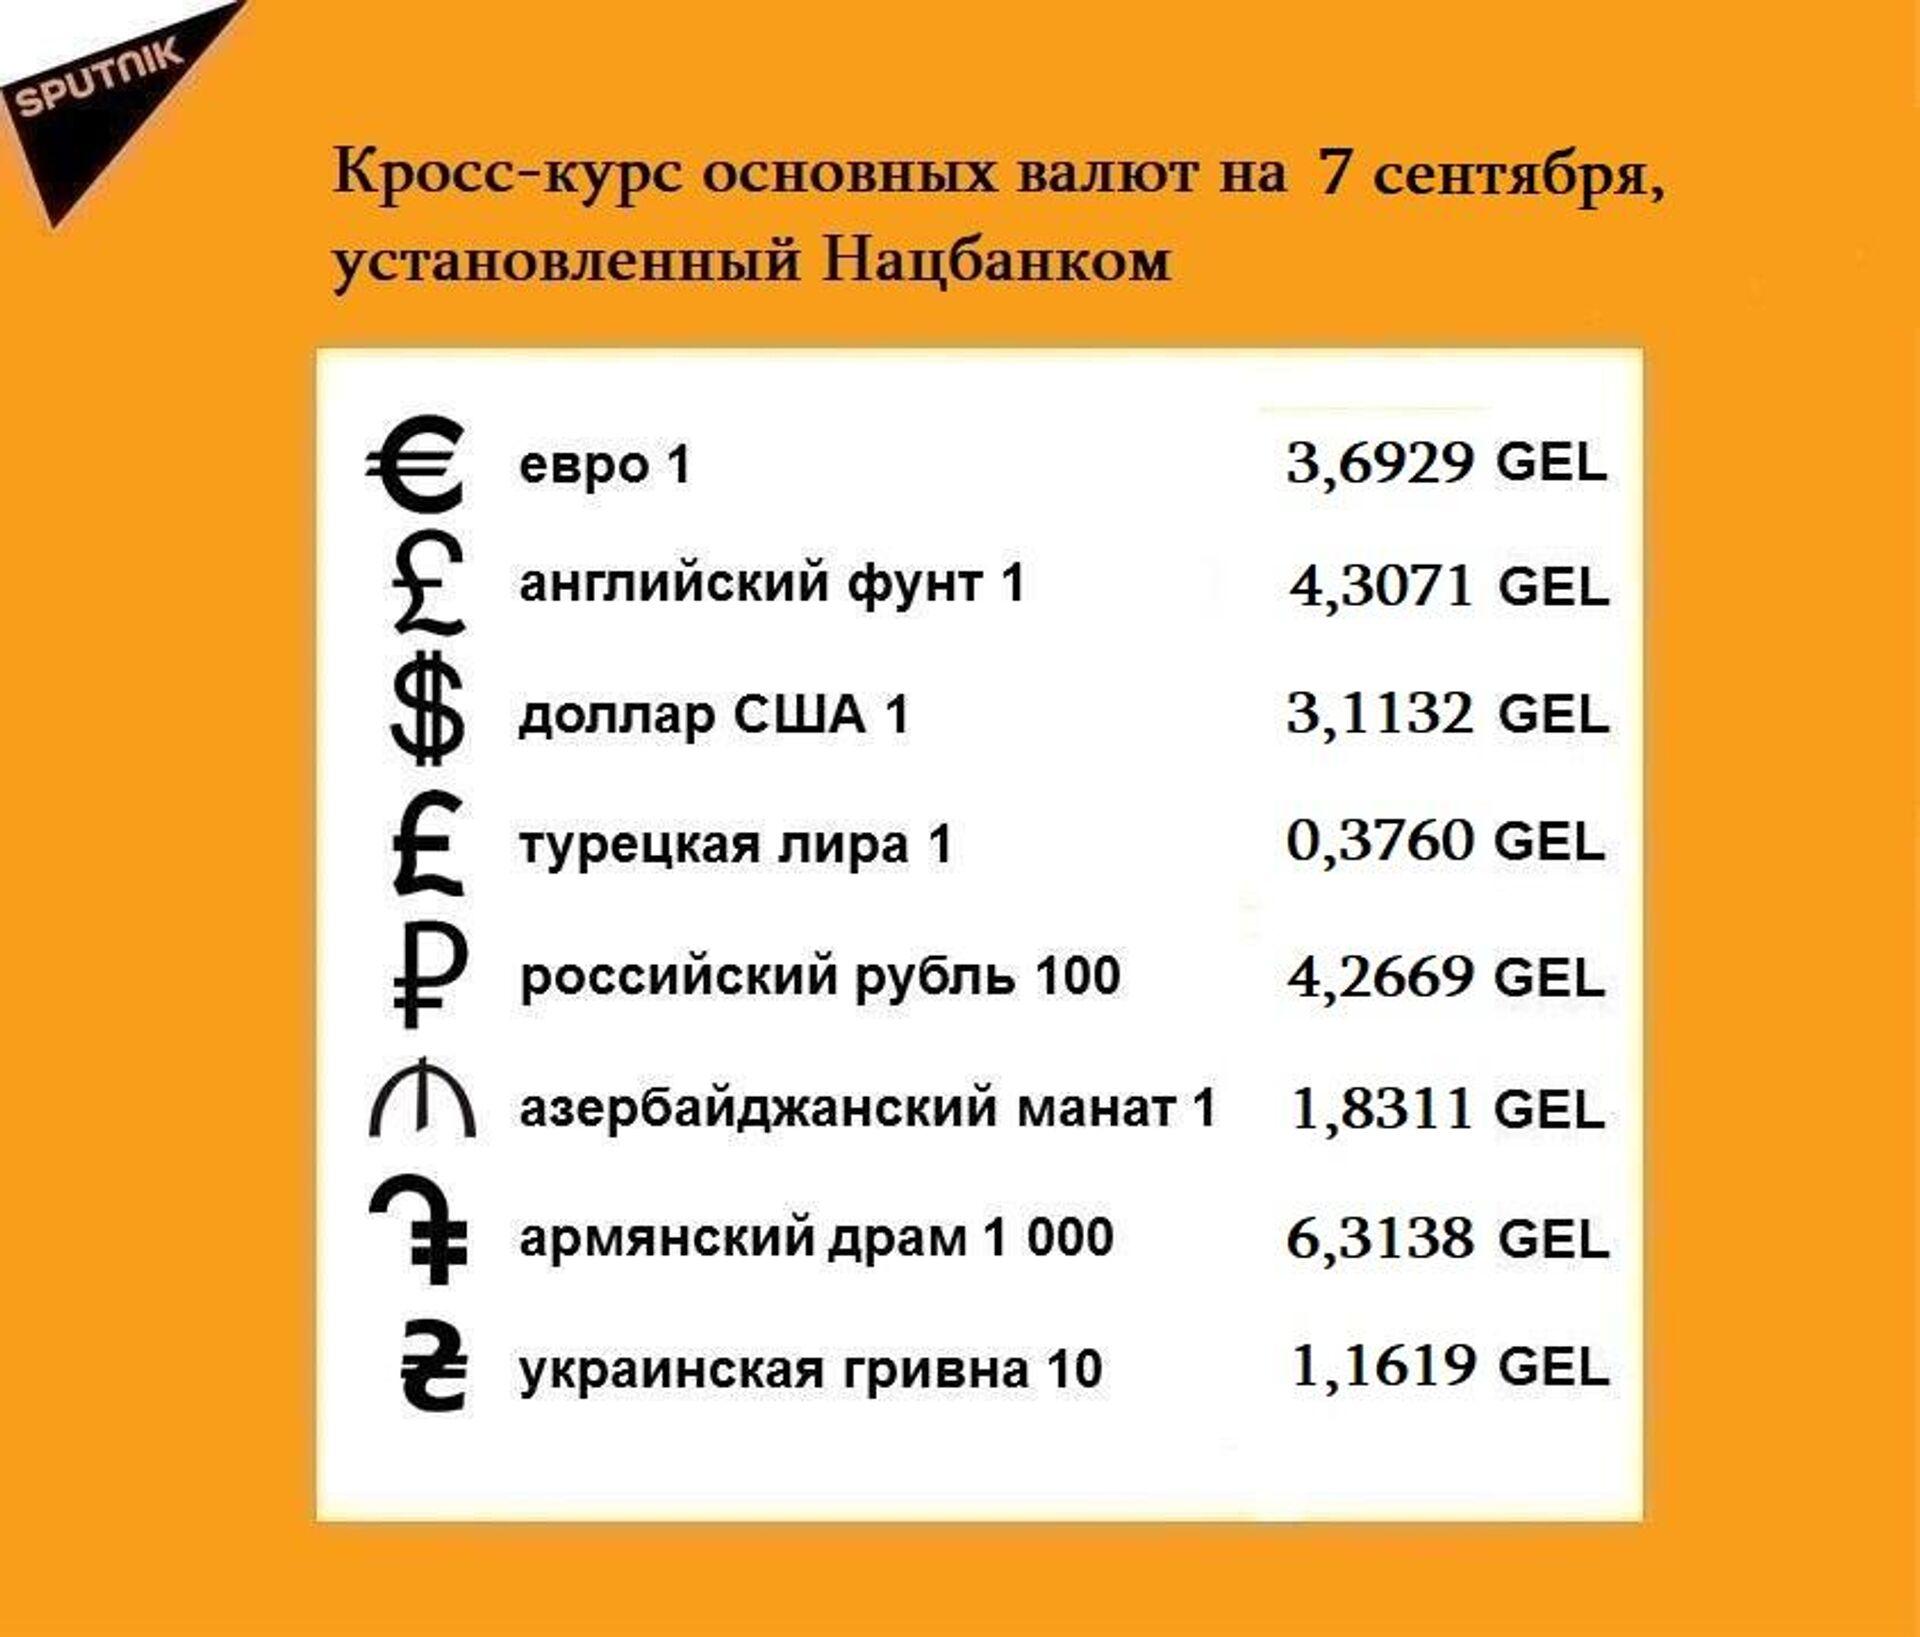 Кросс-курс основных валют на 7 сентября - Sputnik Грузия, 1920, 06.09.2021